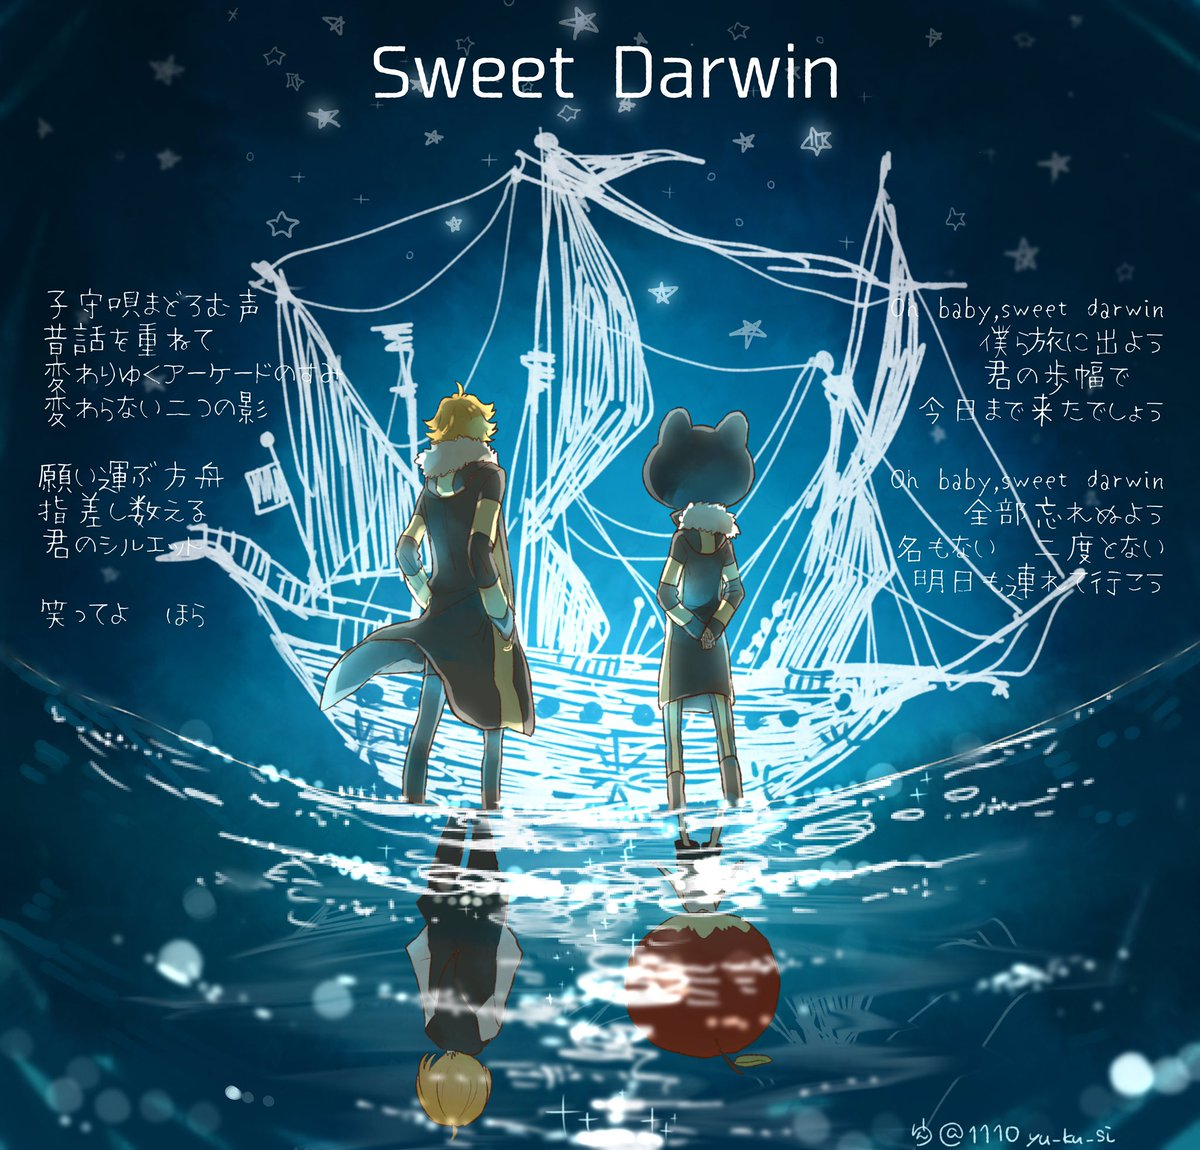 やりたかったやつやった。sweet darwinっていう曲なんだけど、私的に二人にとても似合うなあと思って選びました…✨